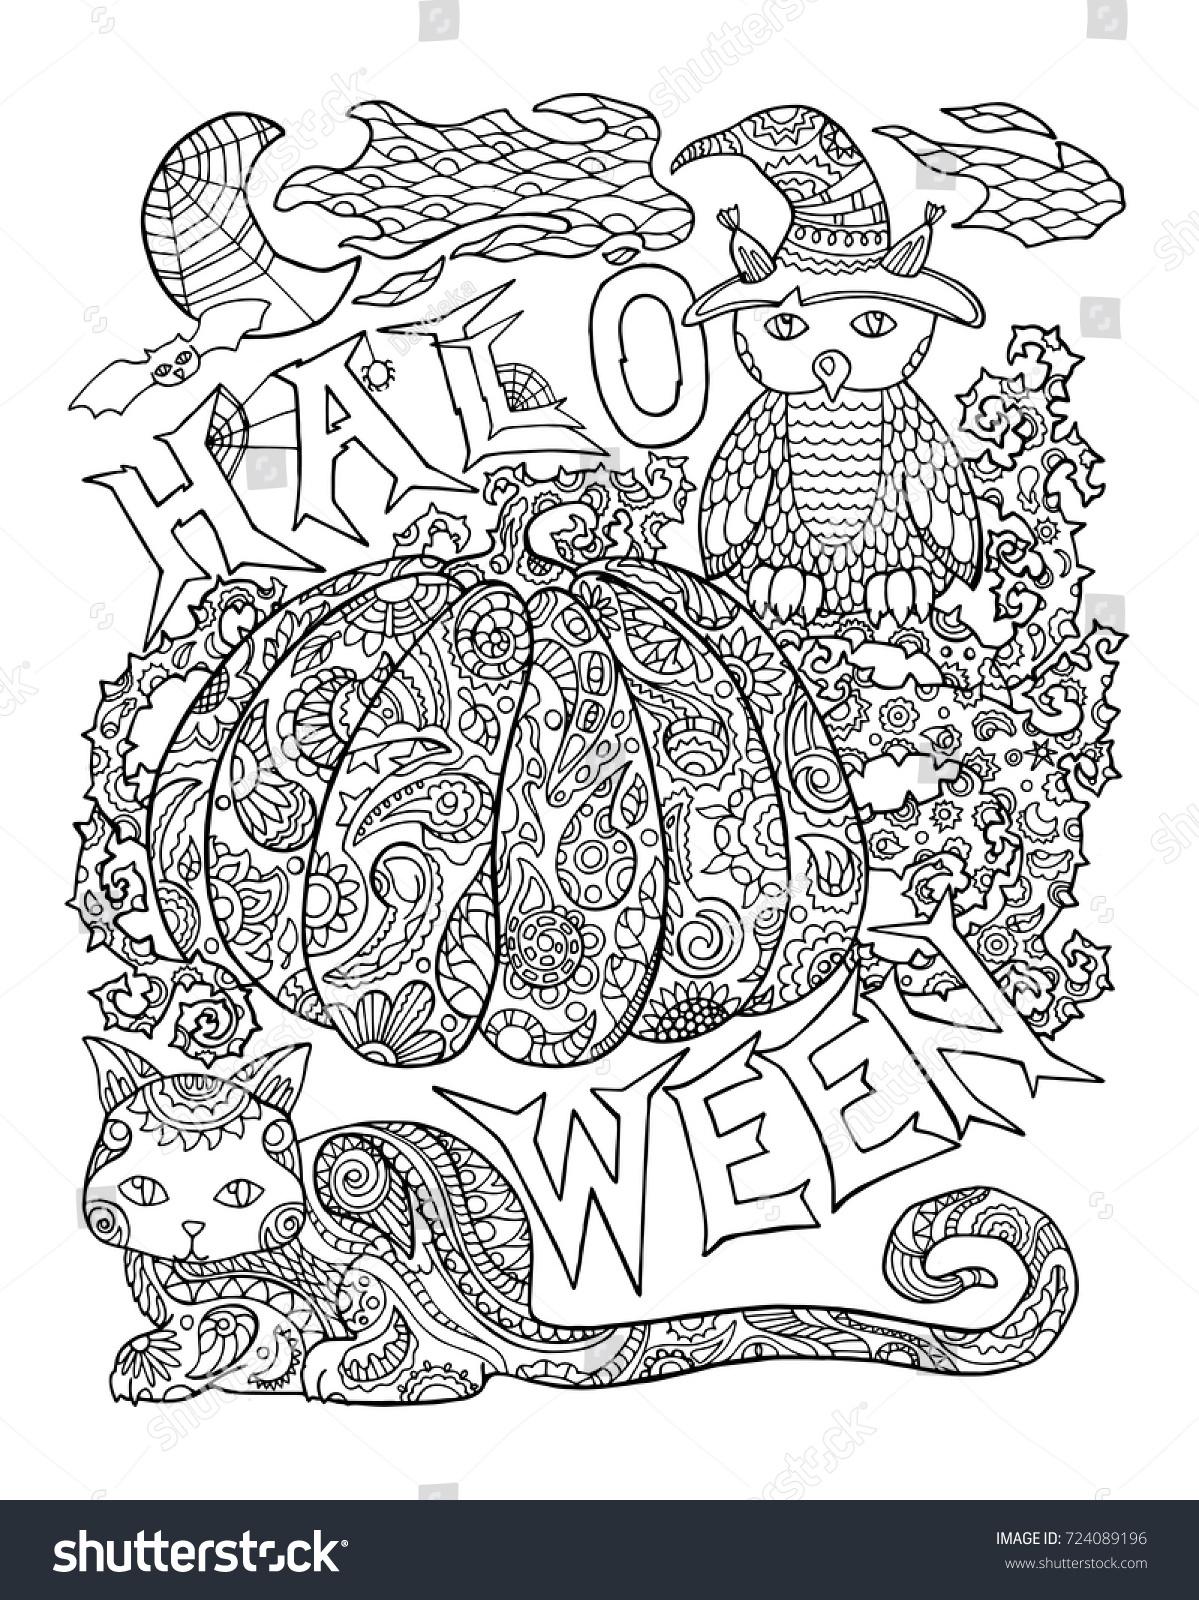 Halloween Coloring Page Pumpkin Halloween Vector Stock Vector (2018 ...